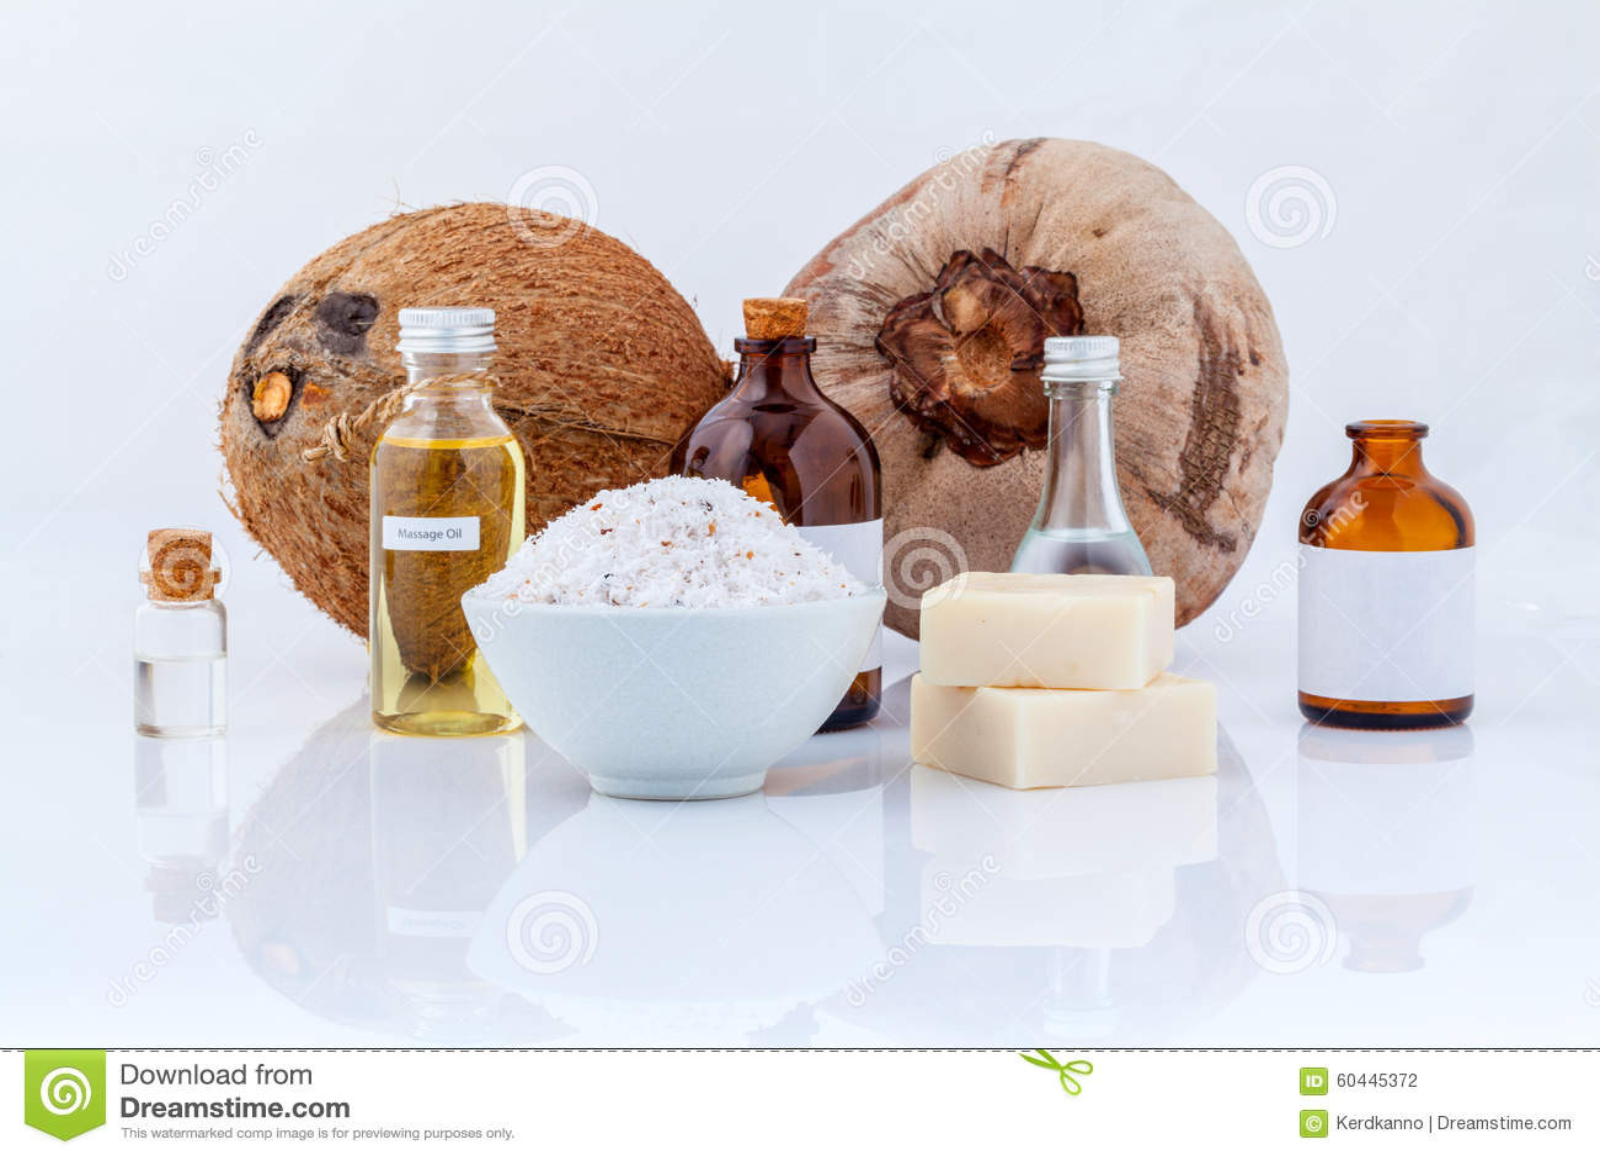 Pure White Natural Skin Care Oil